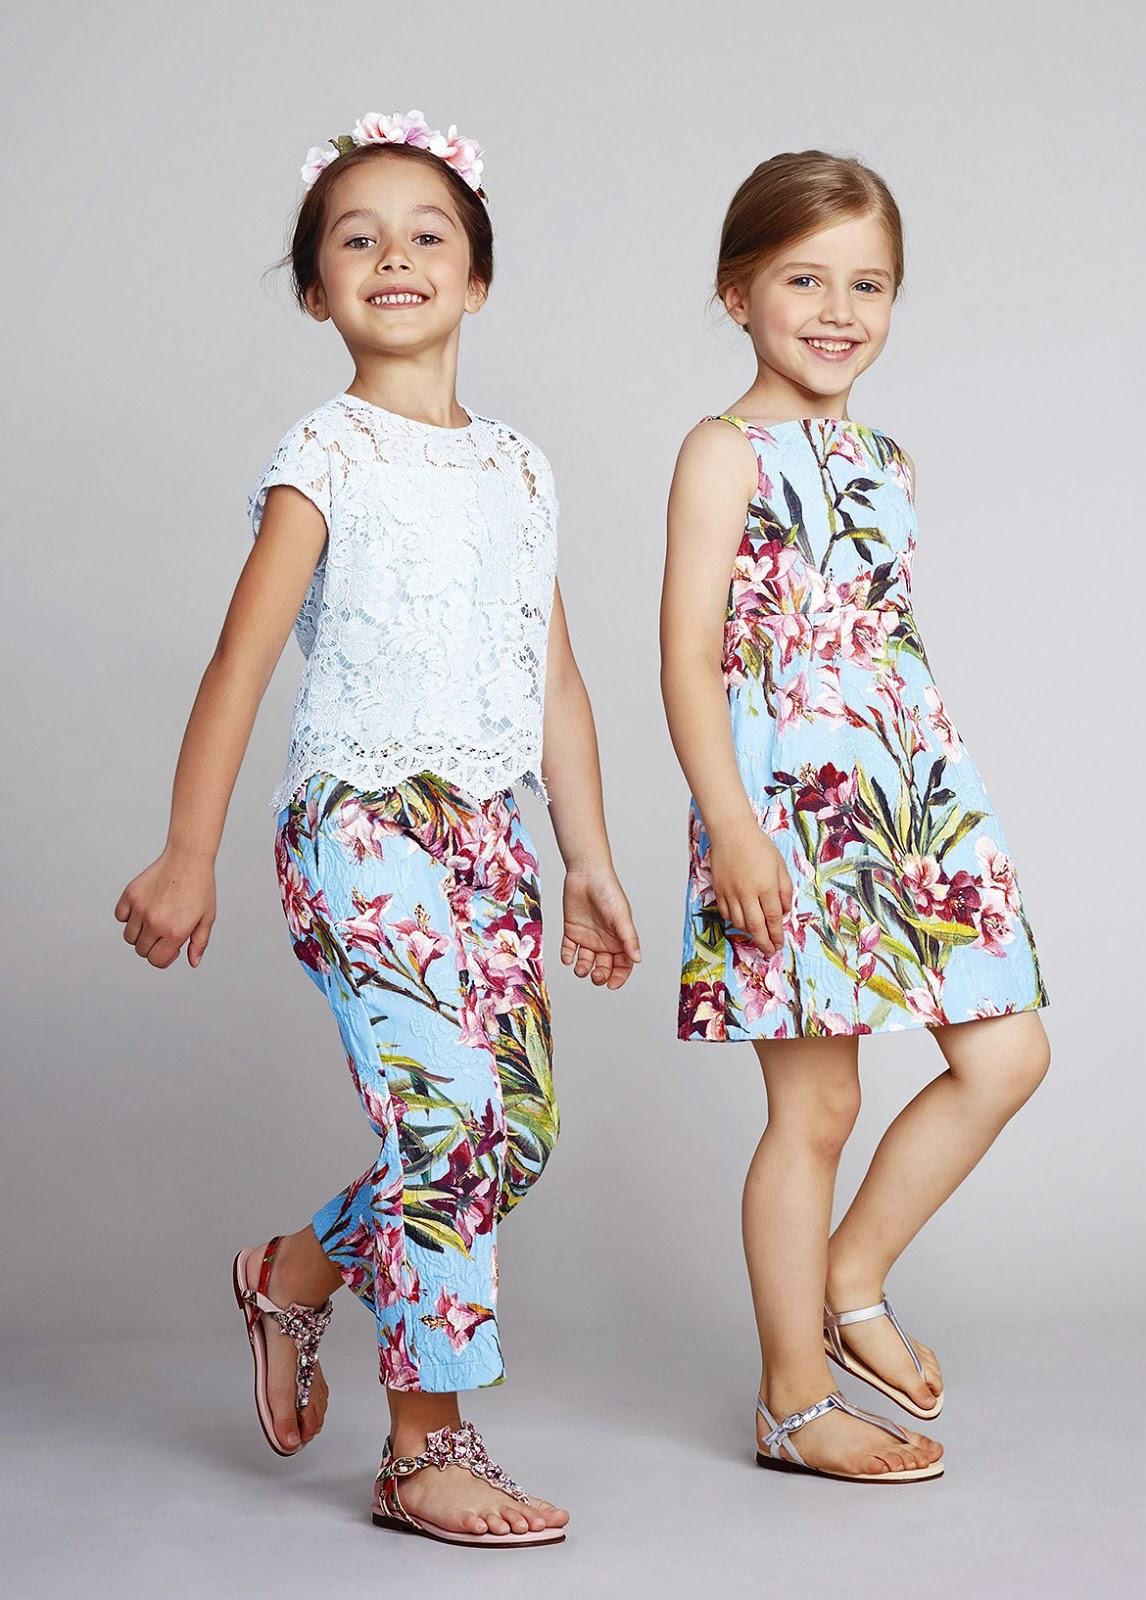 5e92940c91ea Современная модная одежда для девочек 7-8 лет на сегодняшний день остается  также очень практичной. Ведущими материалами остаются велюр, трикотаж и  джинс.